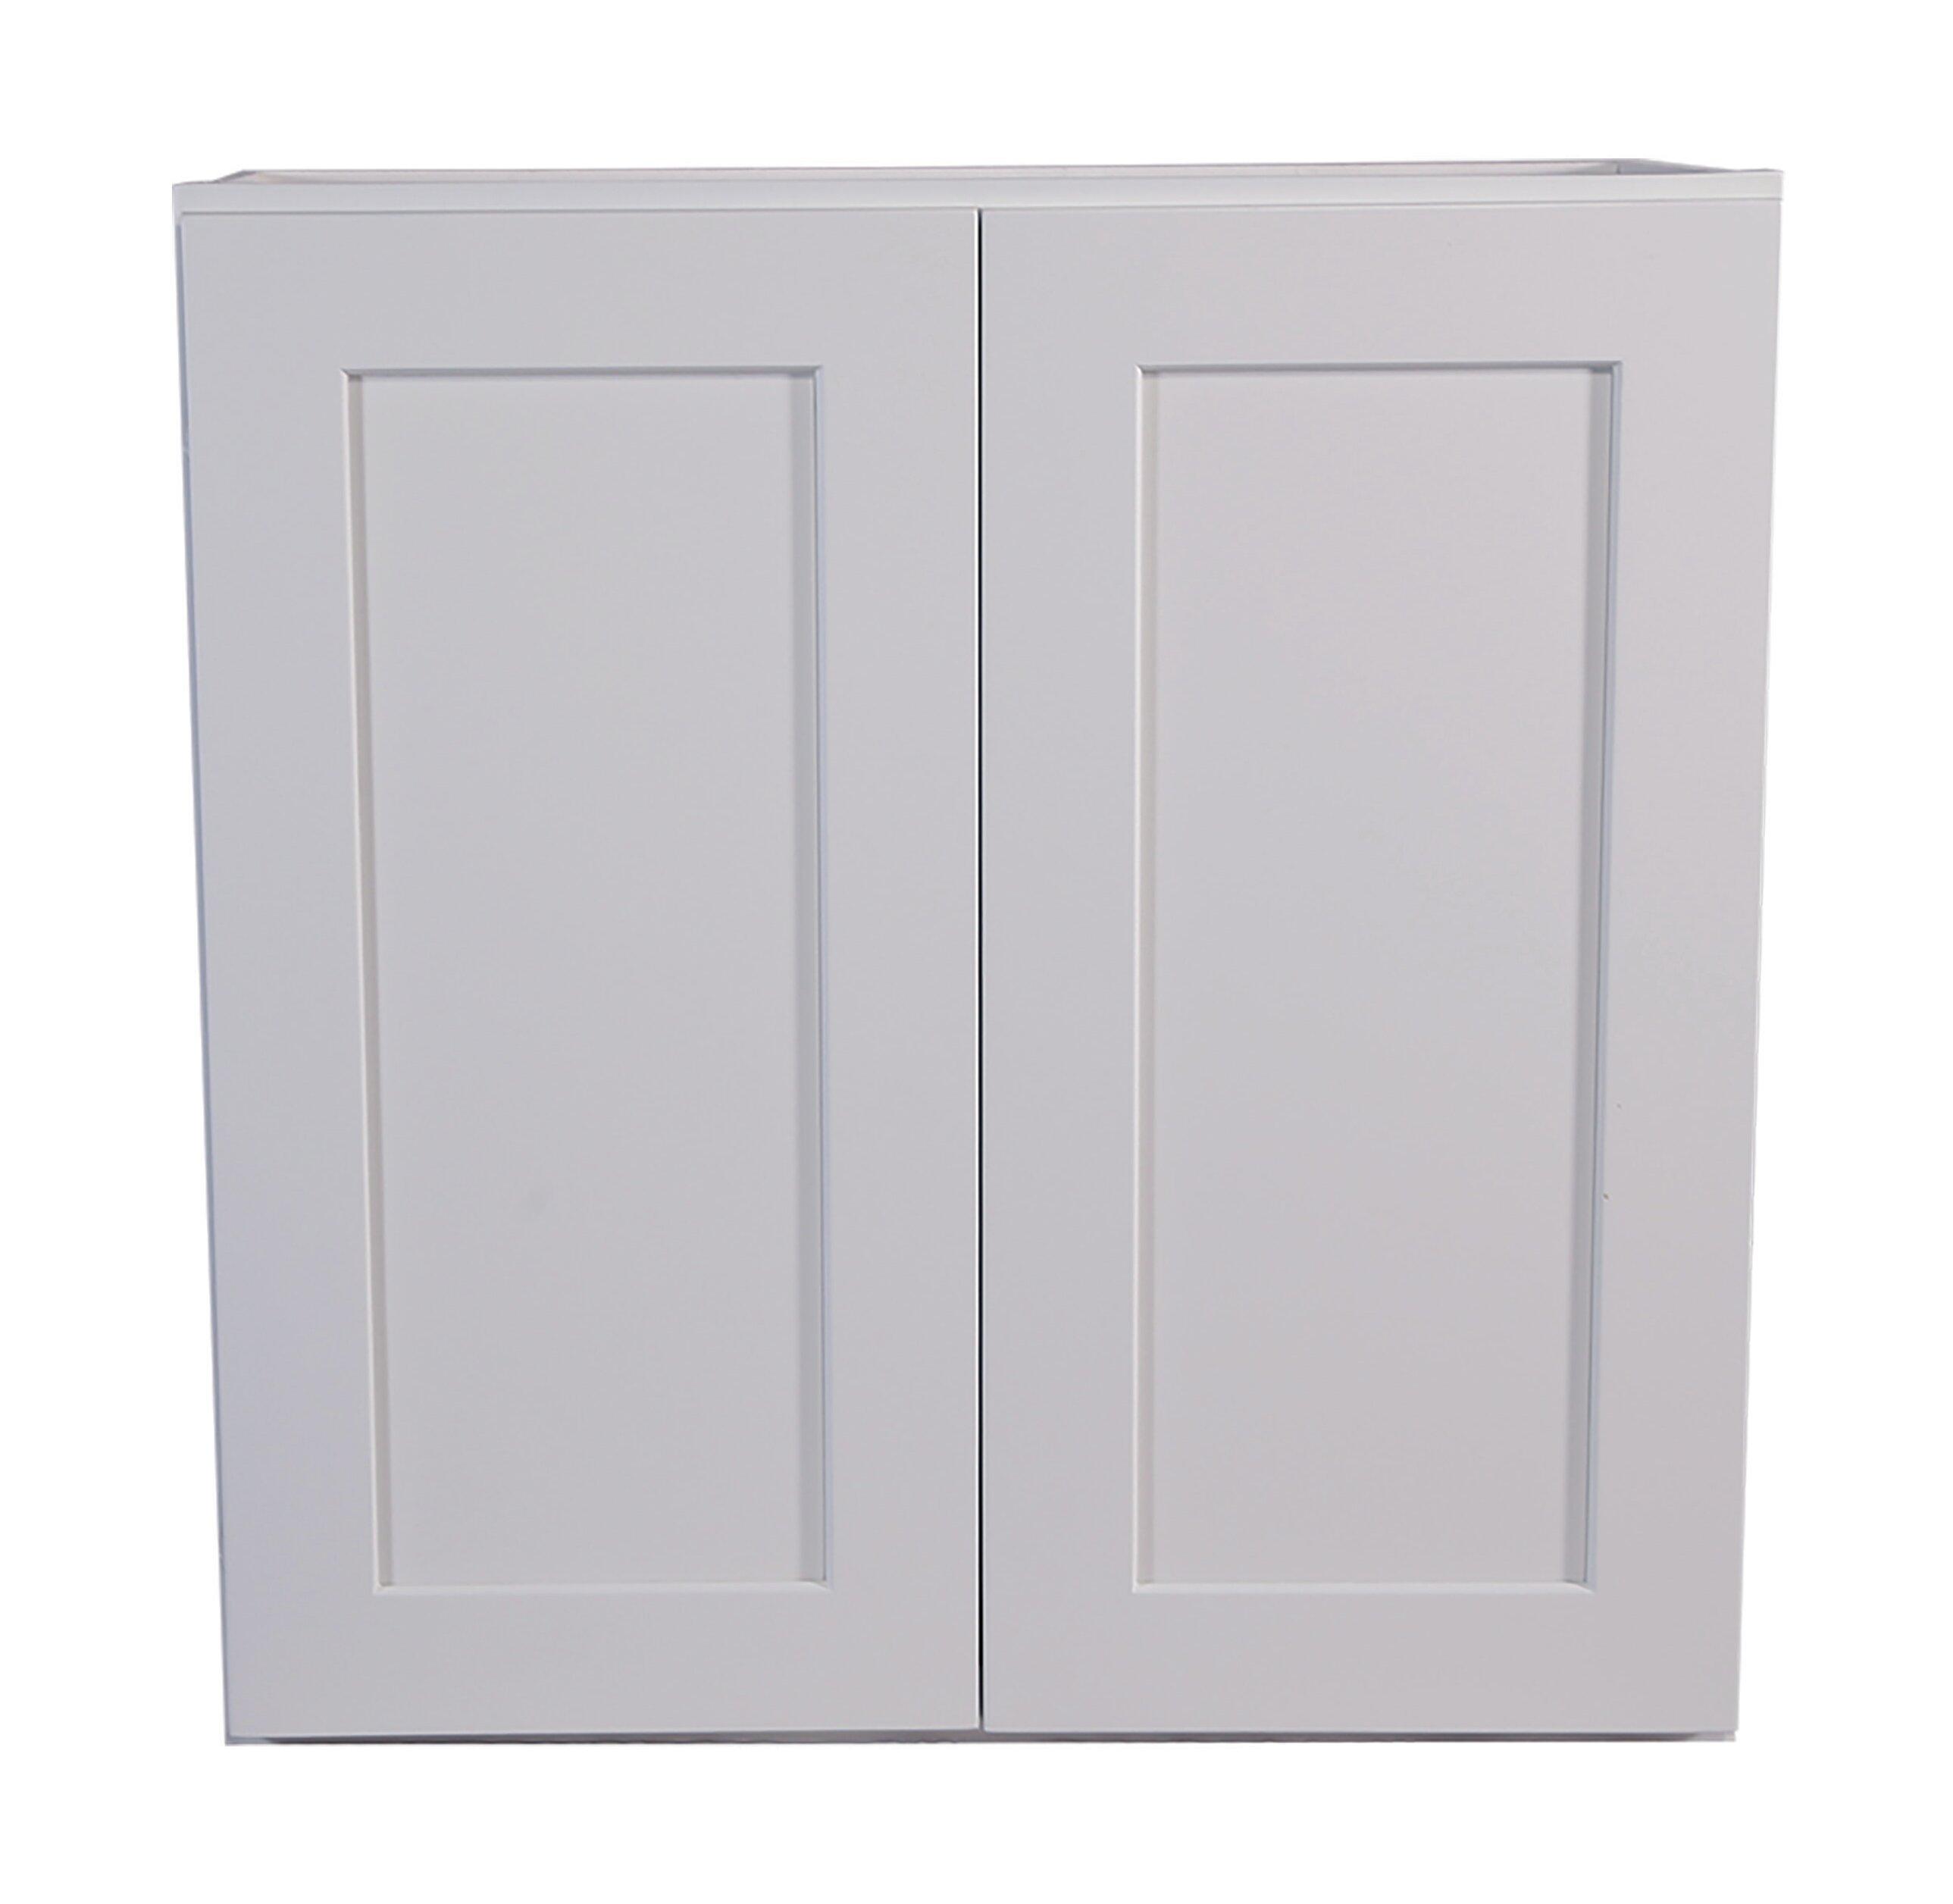 design house brookings 24 x 30 wall cabinet wayfair rh wayfair com